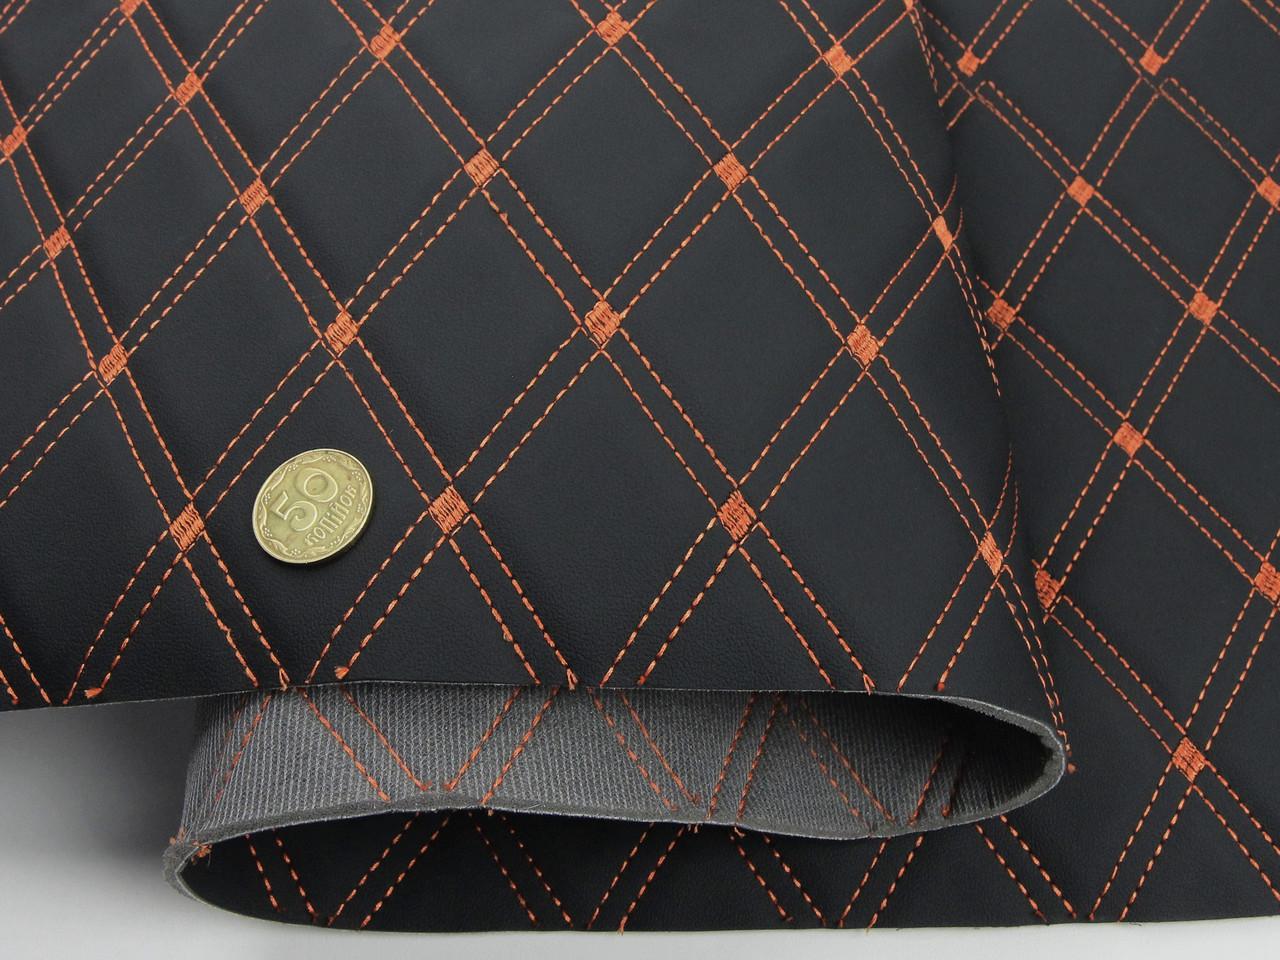 Чорний Кожзам (прошитий помаранчевої ниткою) для автомобілів, поролон з сіткою. «Ромб подвійний» шир 1,45 м